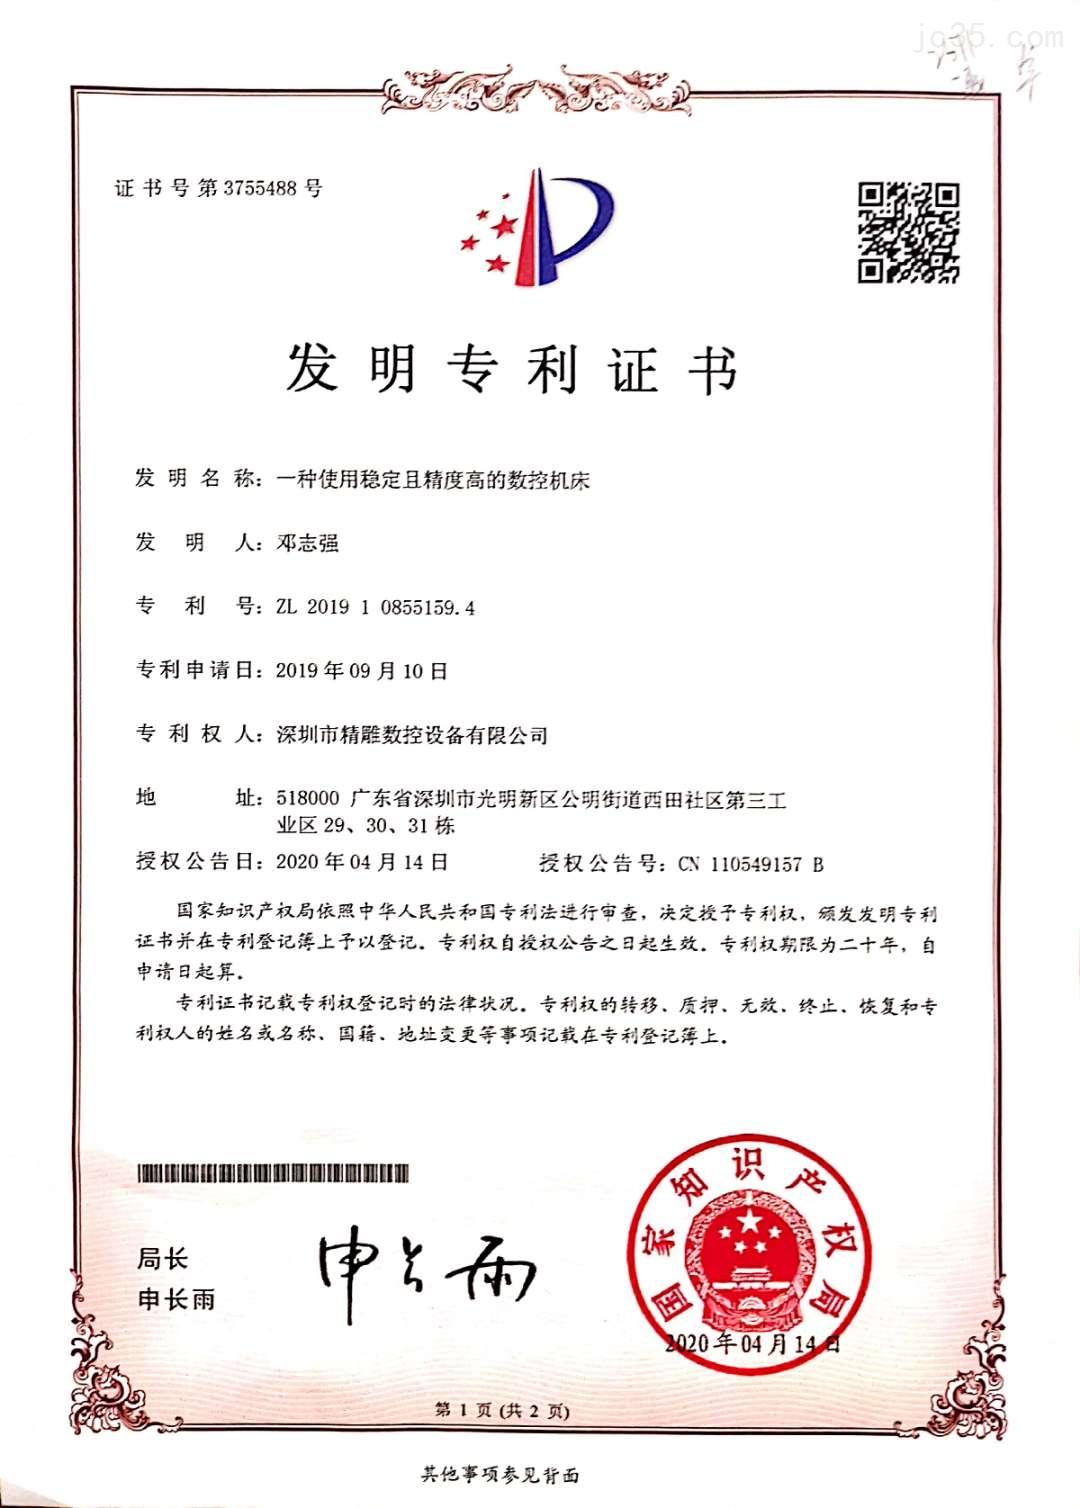 发明专利证书-一种使用稳定且精度高的数控机床